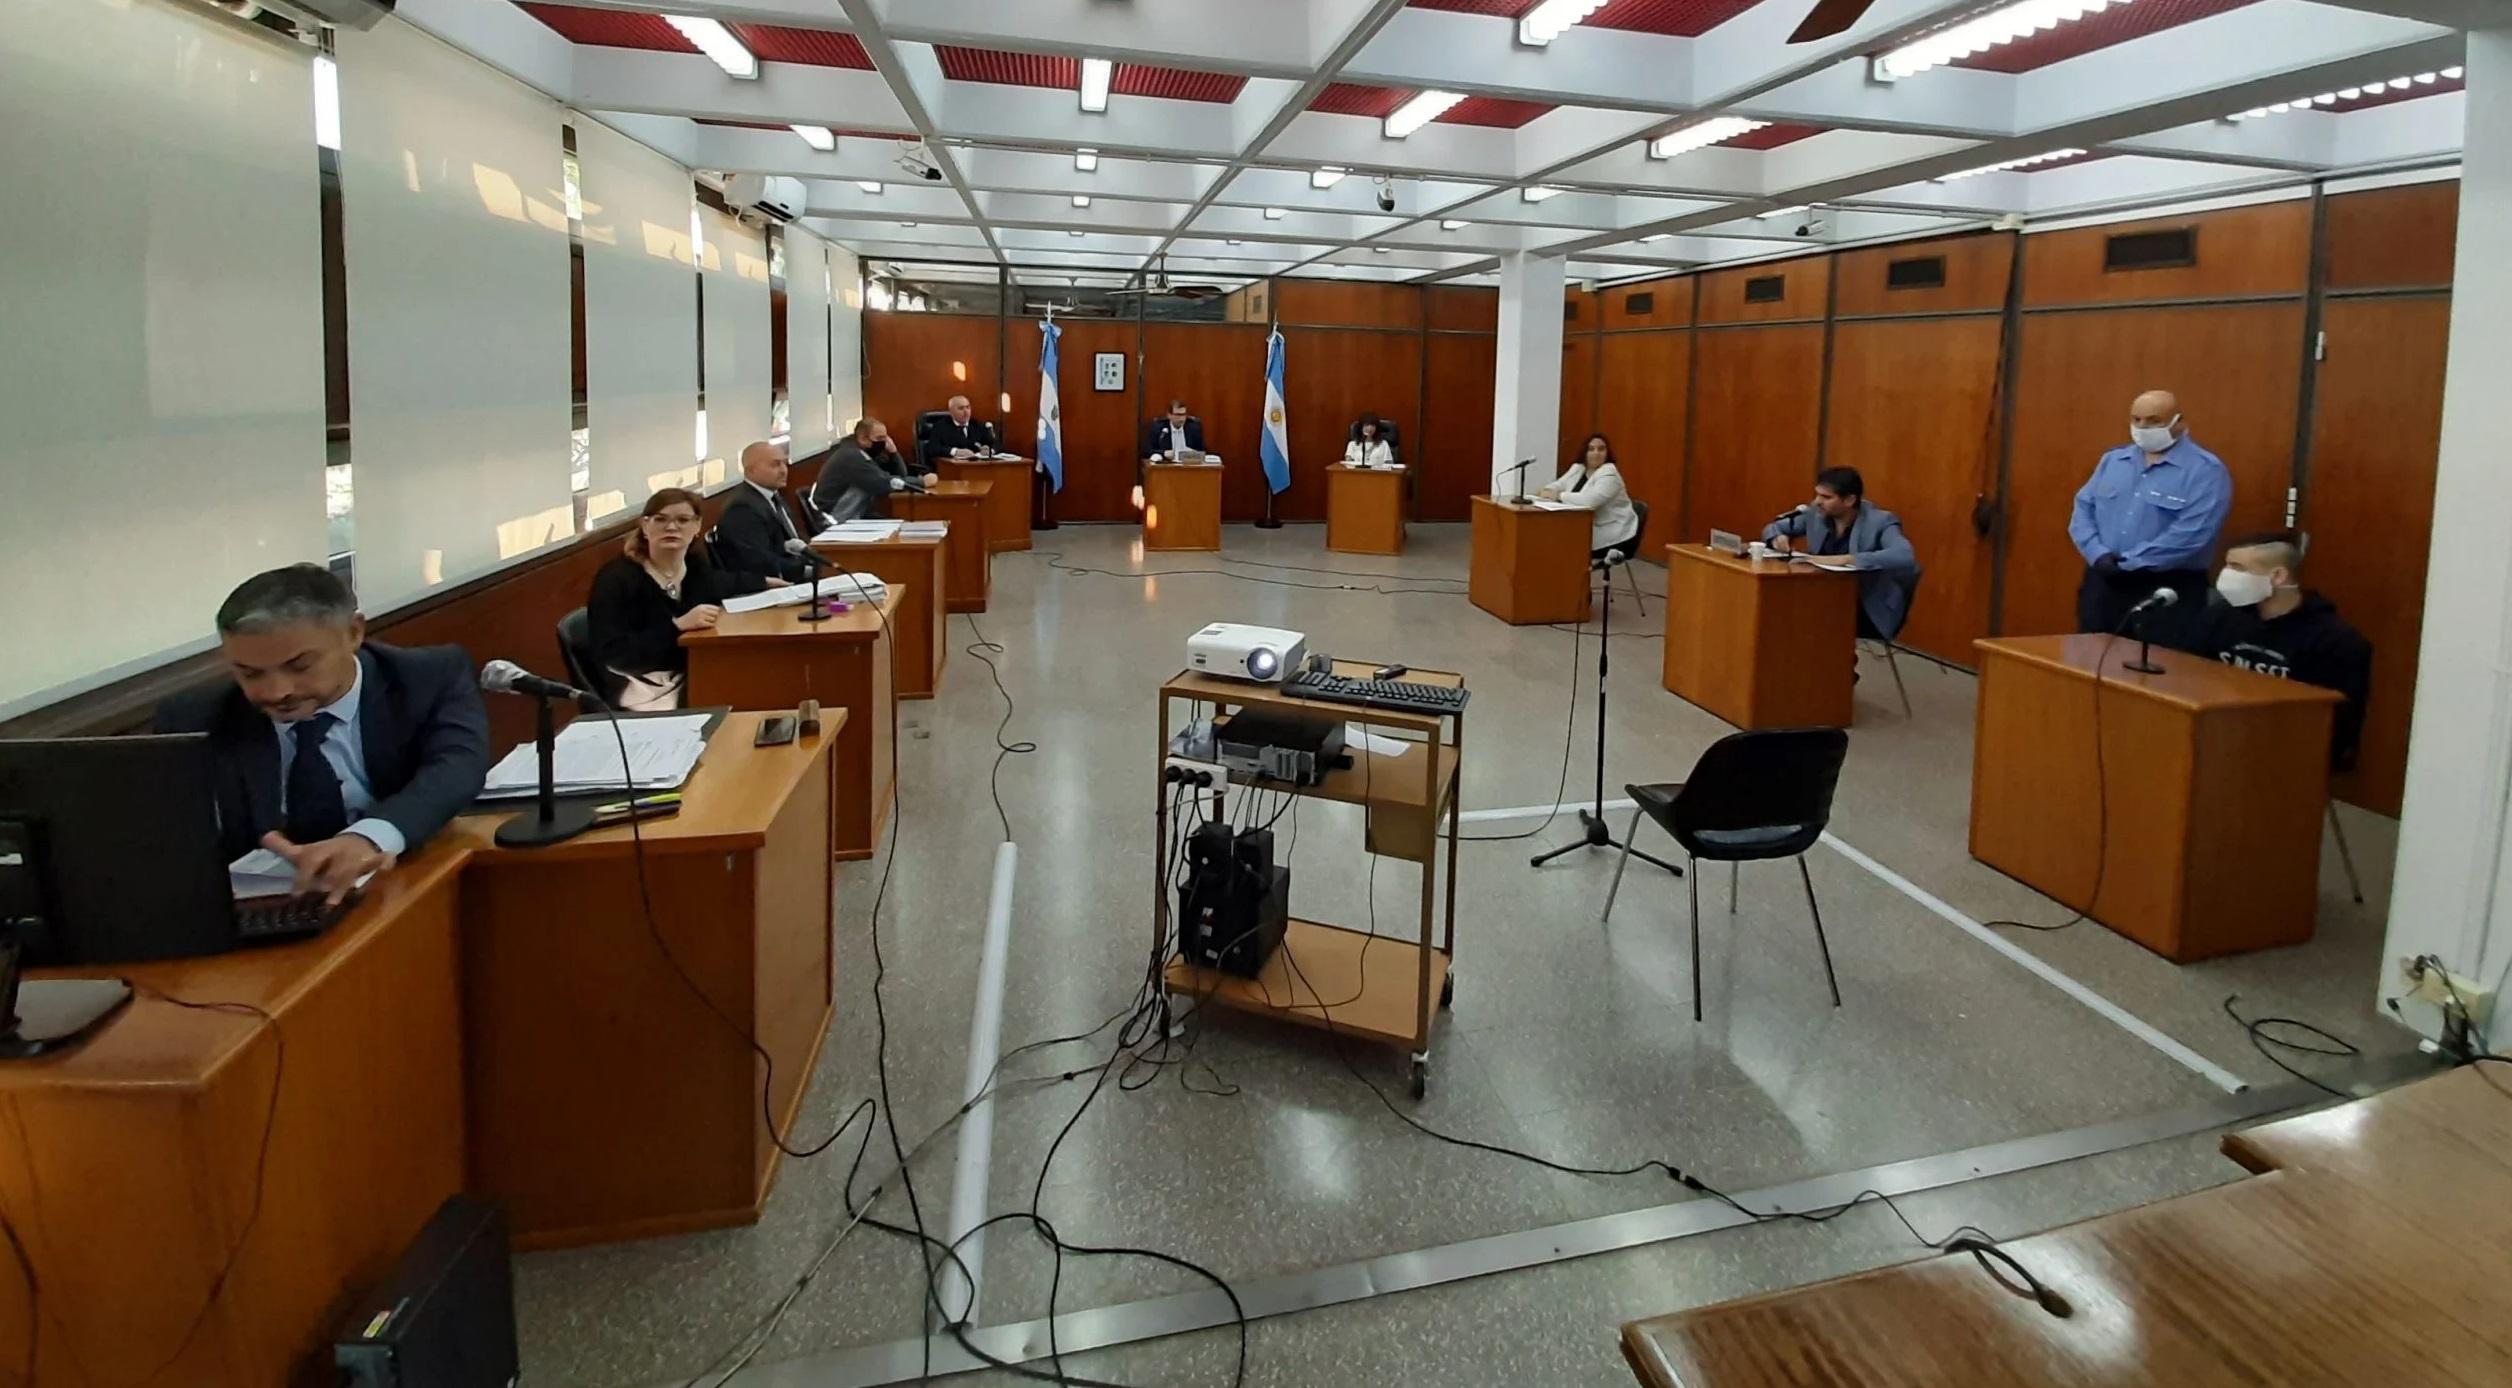 La Secretaría de la Mujer se constituyó por primera vez como querellante en el juicio por el femicidio de Valeria Coggiola